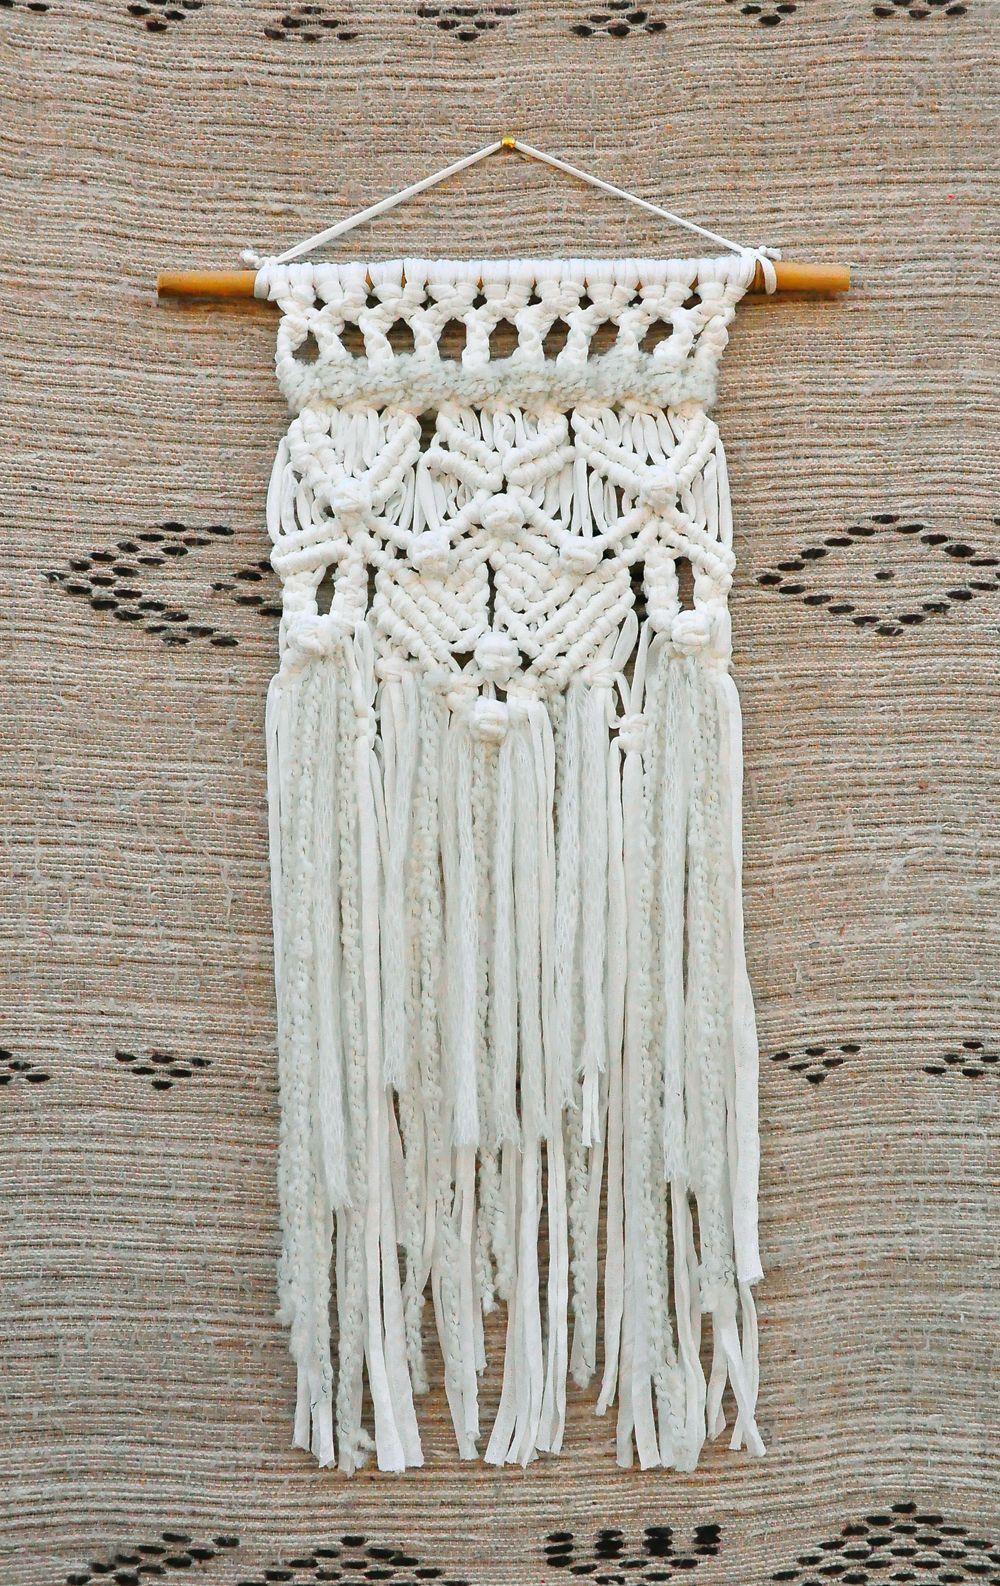 tentures murales en macram r alis en trapilho blanc avec laine cru macrame fait main pour. Black Bedroom Furniture Sets. Home Design Ideas